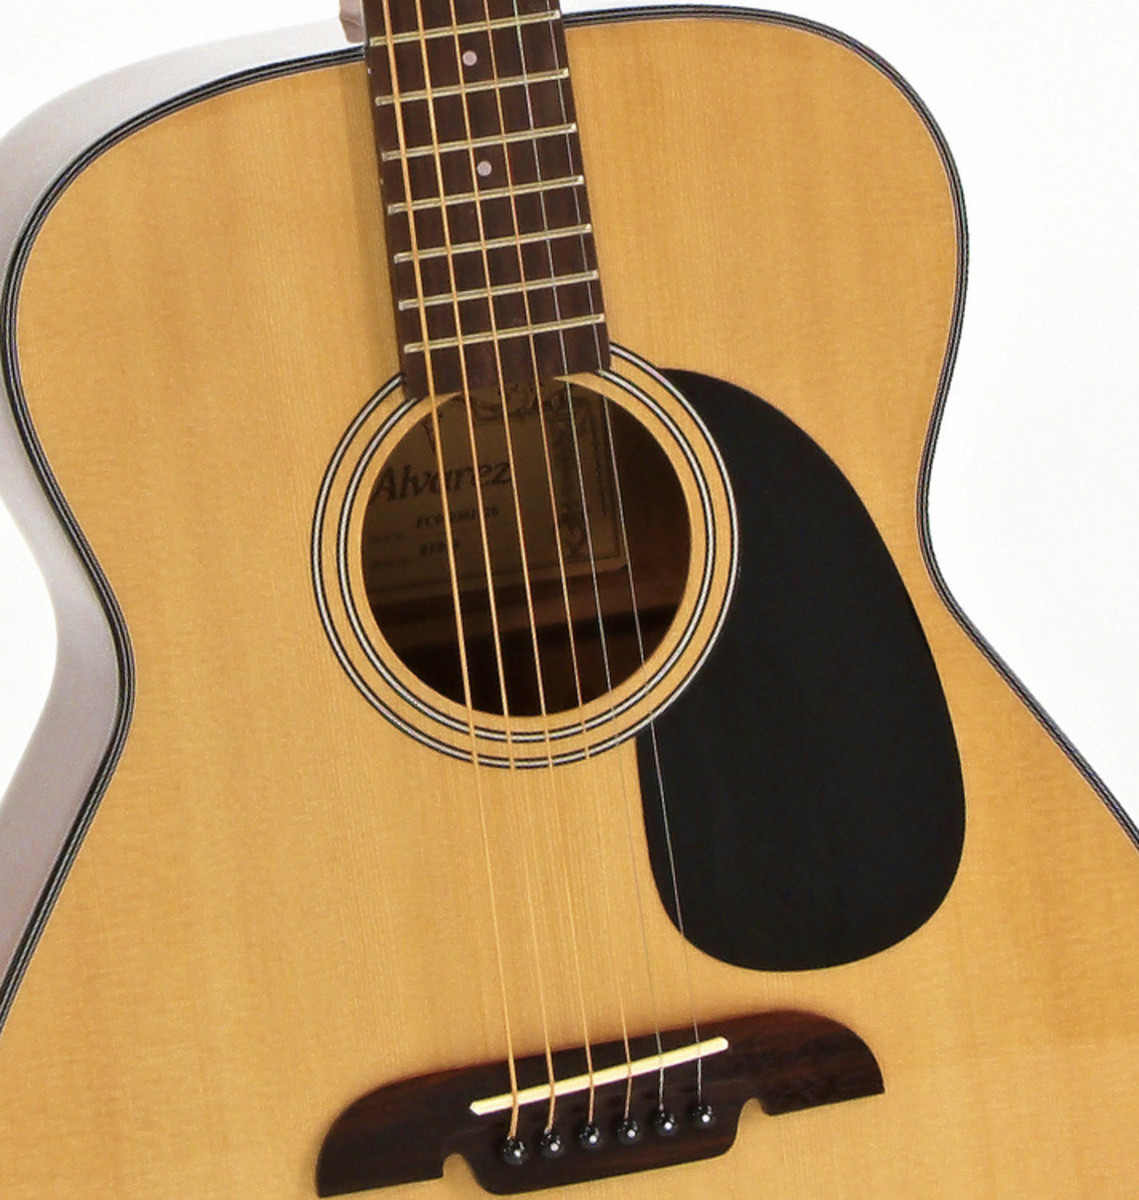 Alvarez RF010 Acoustic Guitar + Perfect Ten Pack At Gear4music